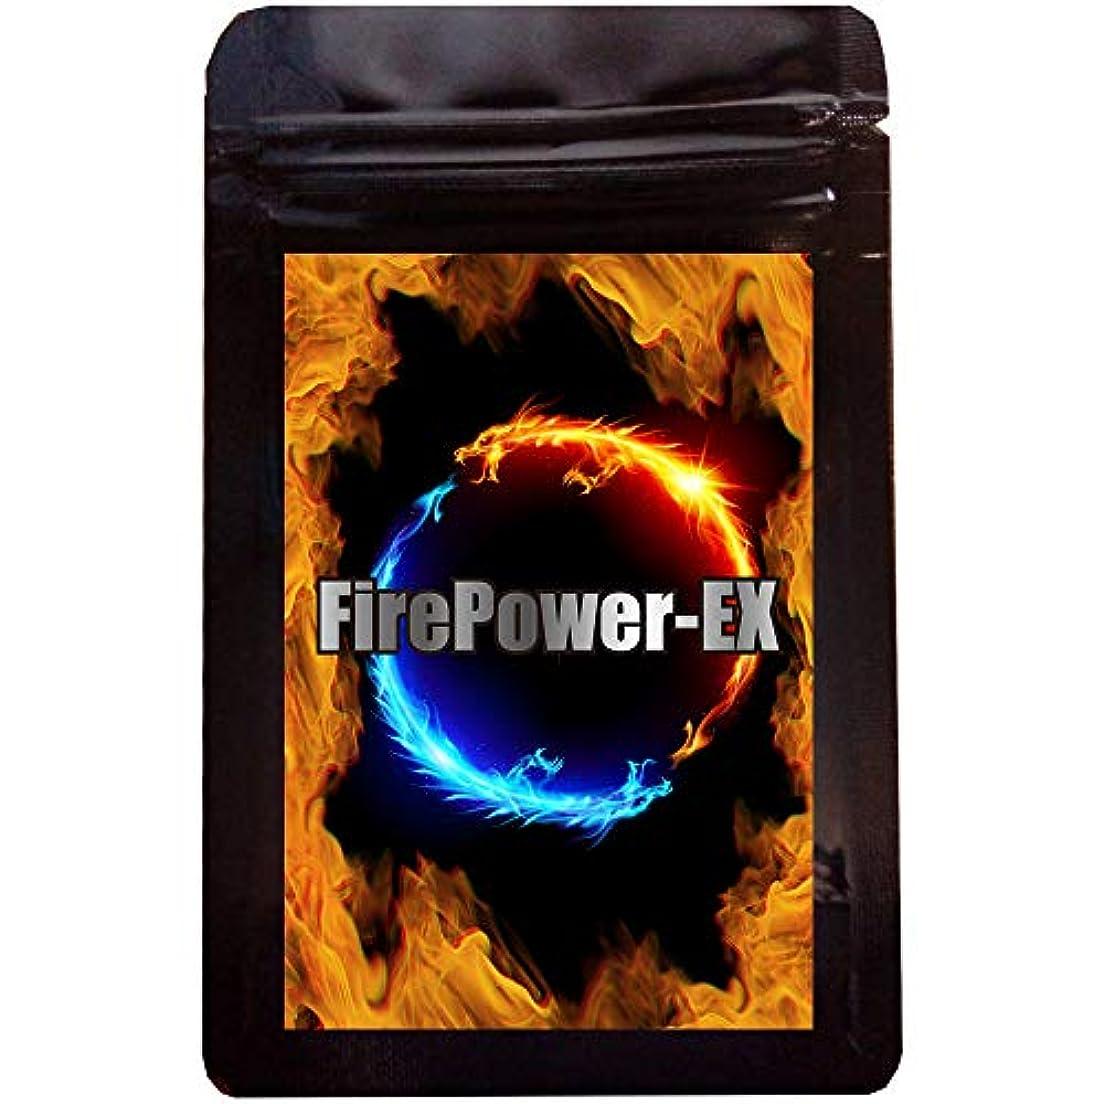 同行するいまレクリエーションFirePowerEX (ファイヤーパワーイーエックス) シトルリン アルギニン 亜鉛 マカ トンカットアリ サプリメント 60粒30日分